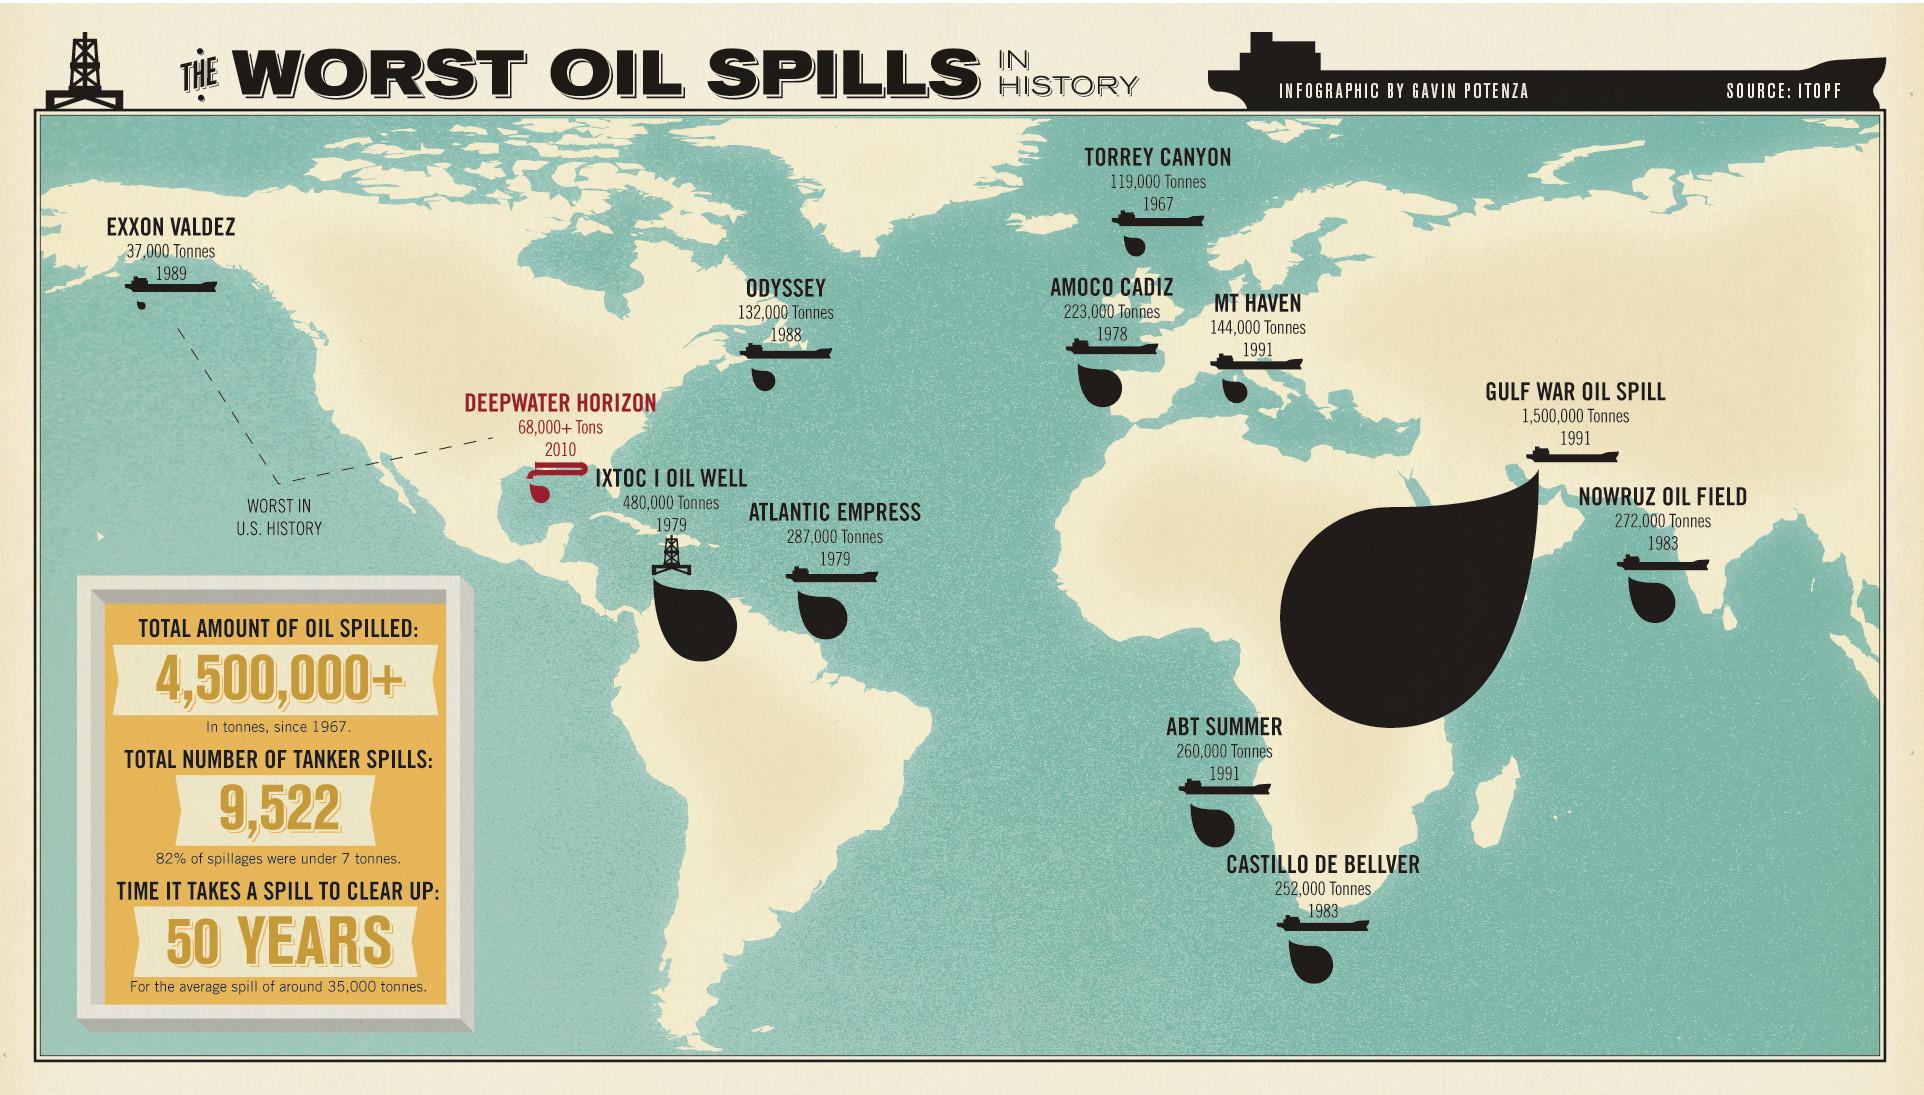 L'infografica delle peggiori fuoriuscite di petrolio della storia